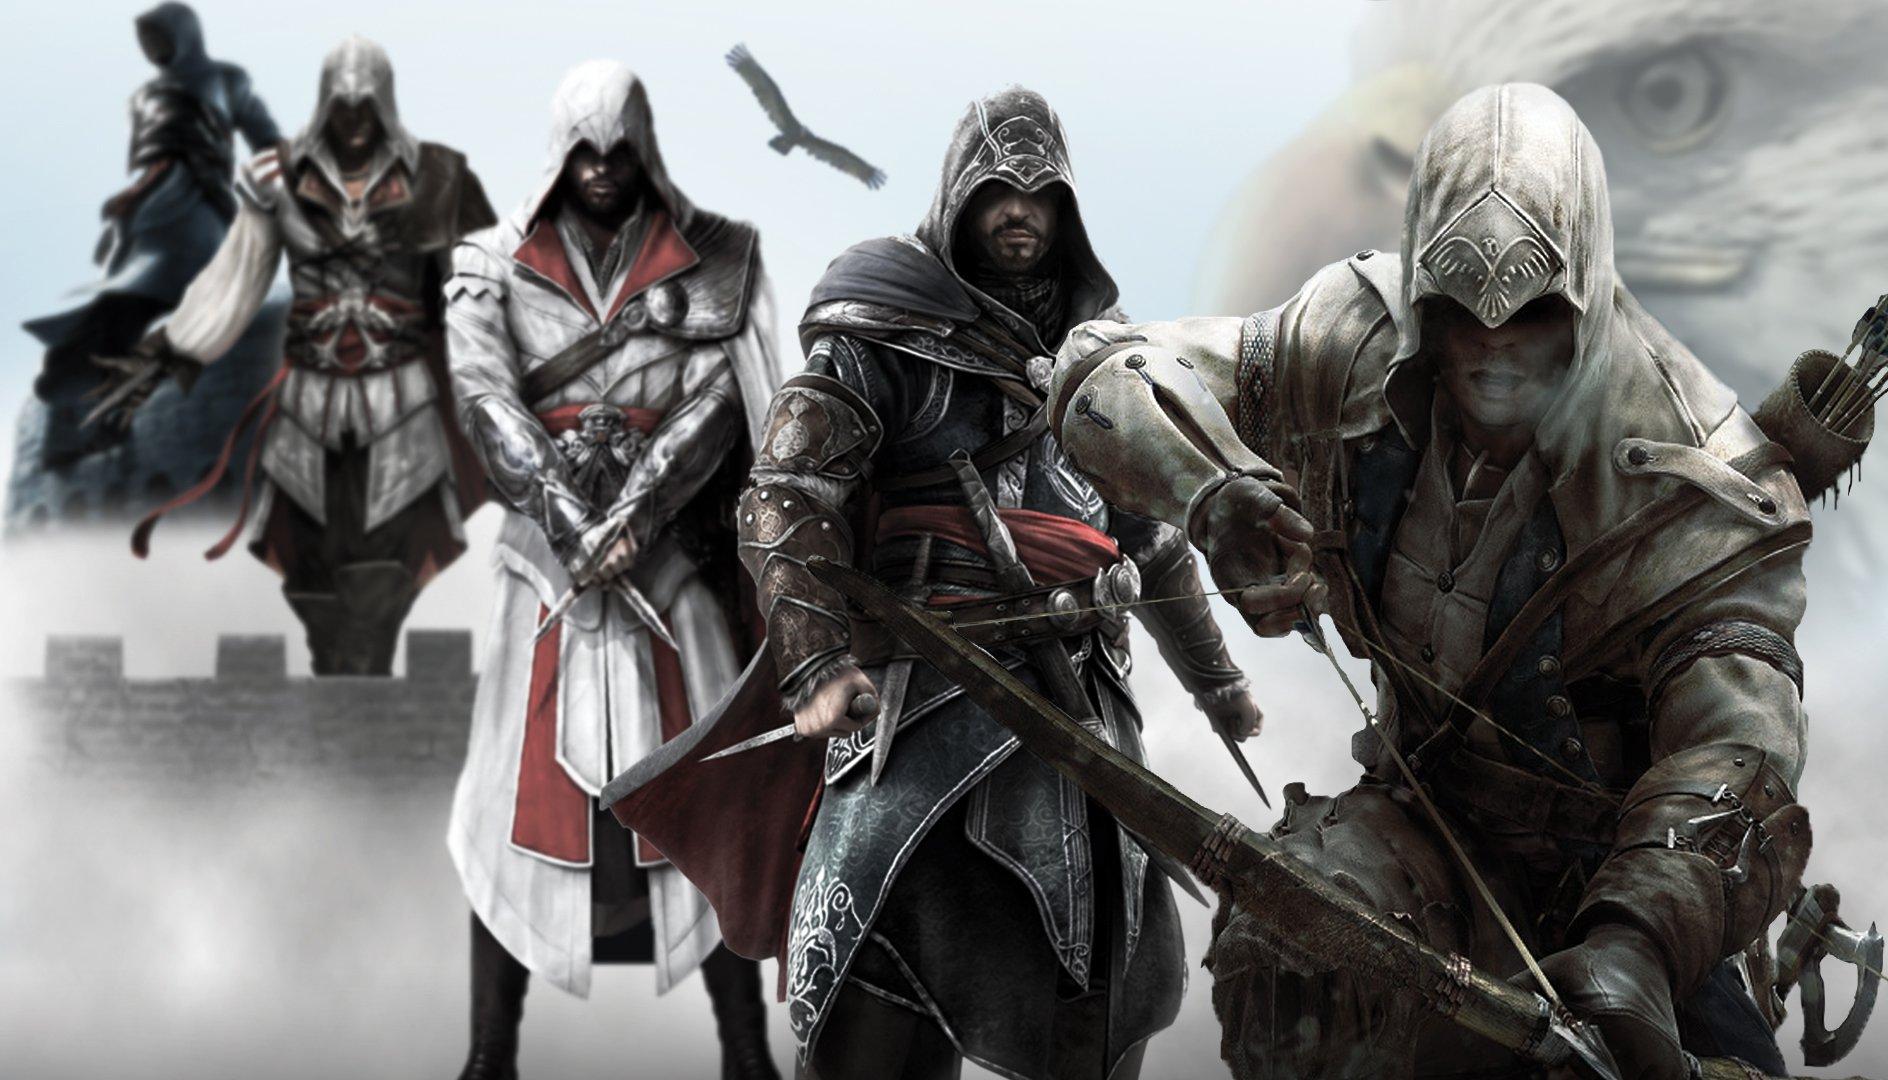 Сюжету Assassin's Creed нашли научное обоснование  - Изображение 1